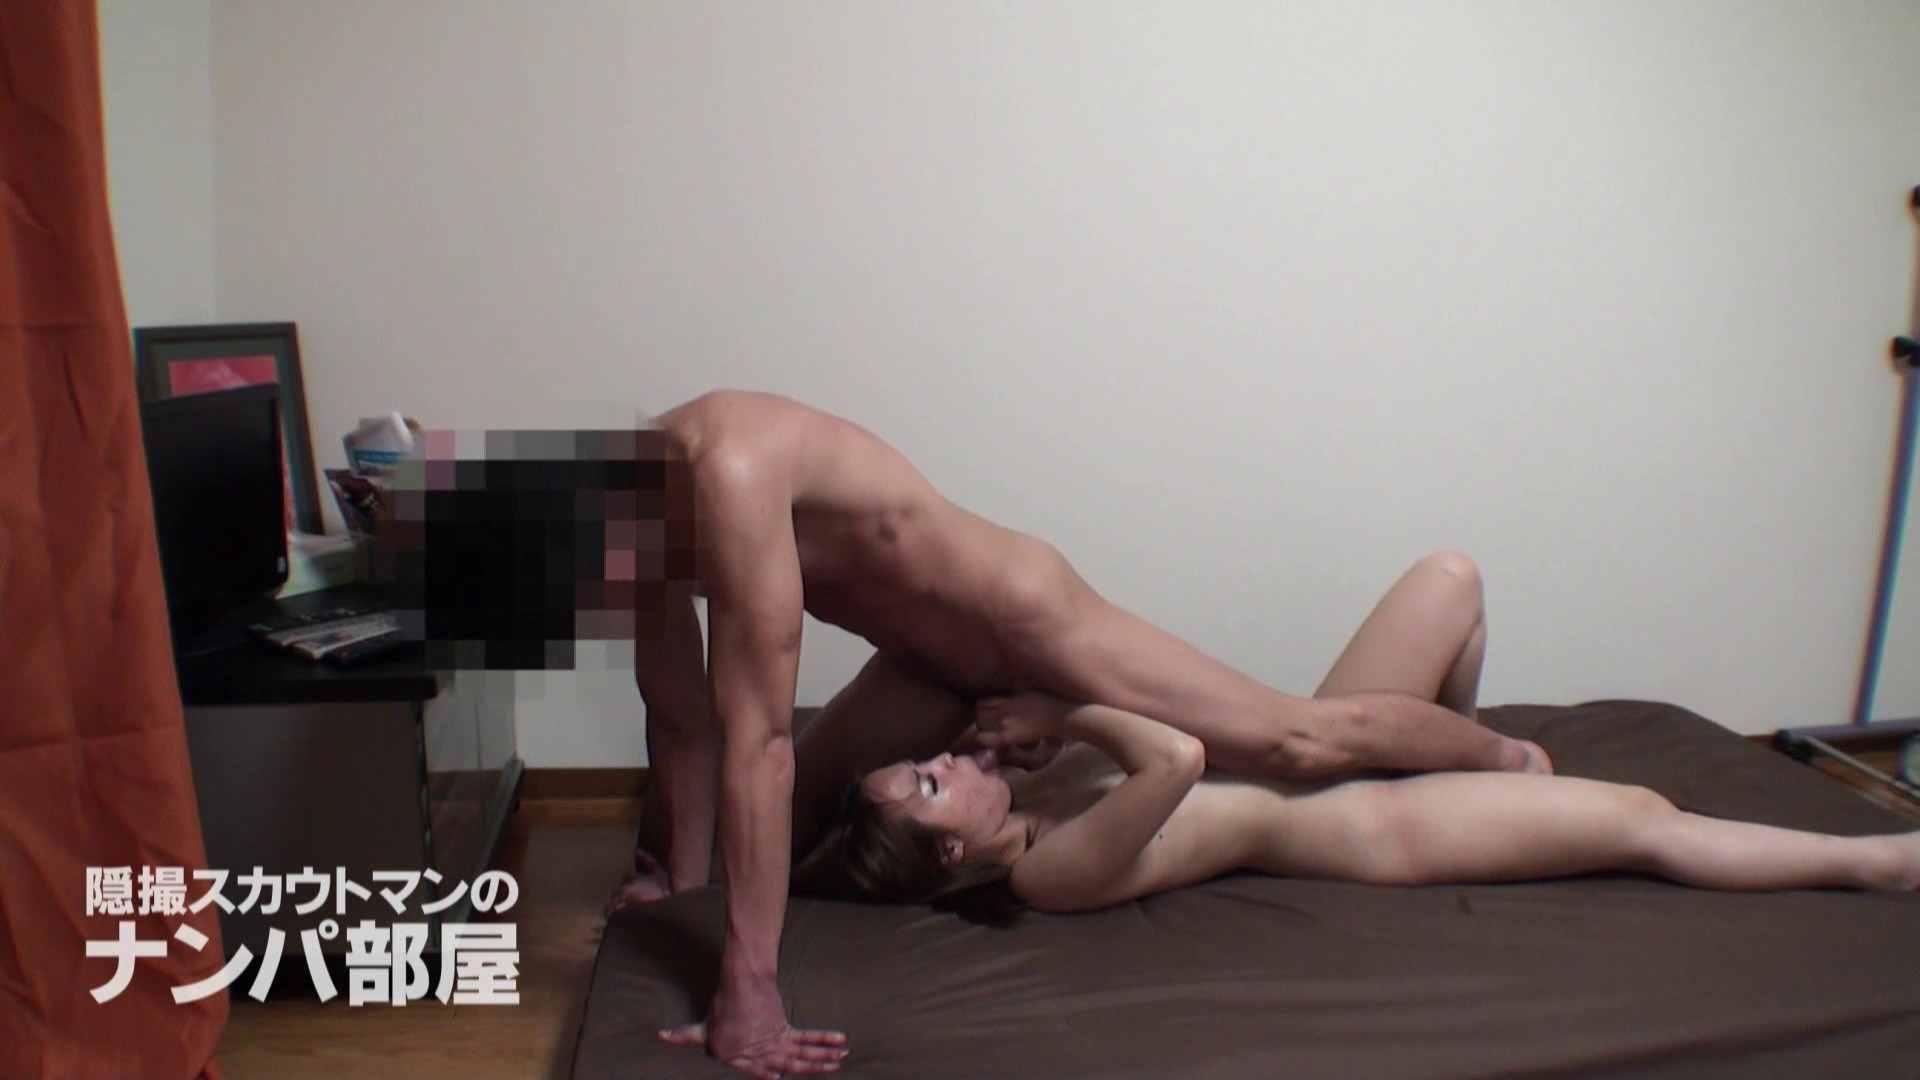 vol.2 kana 脱衣所・着替え編  65pic 6